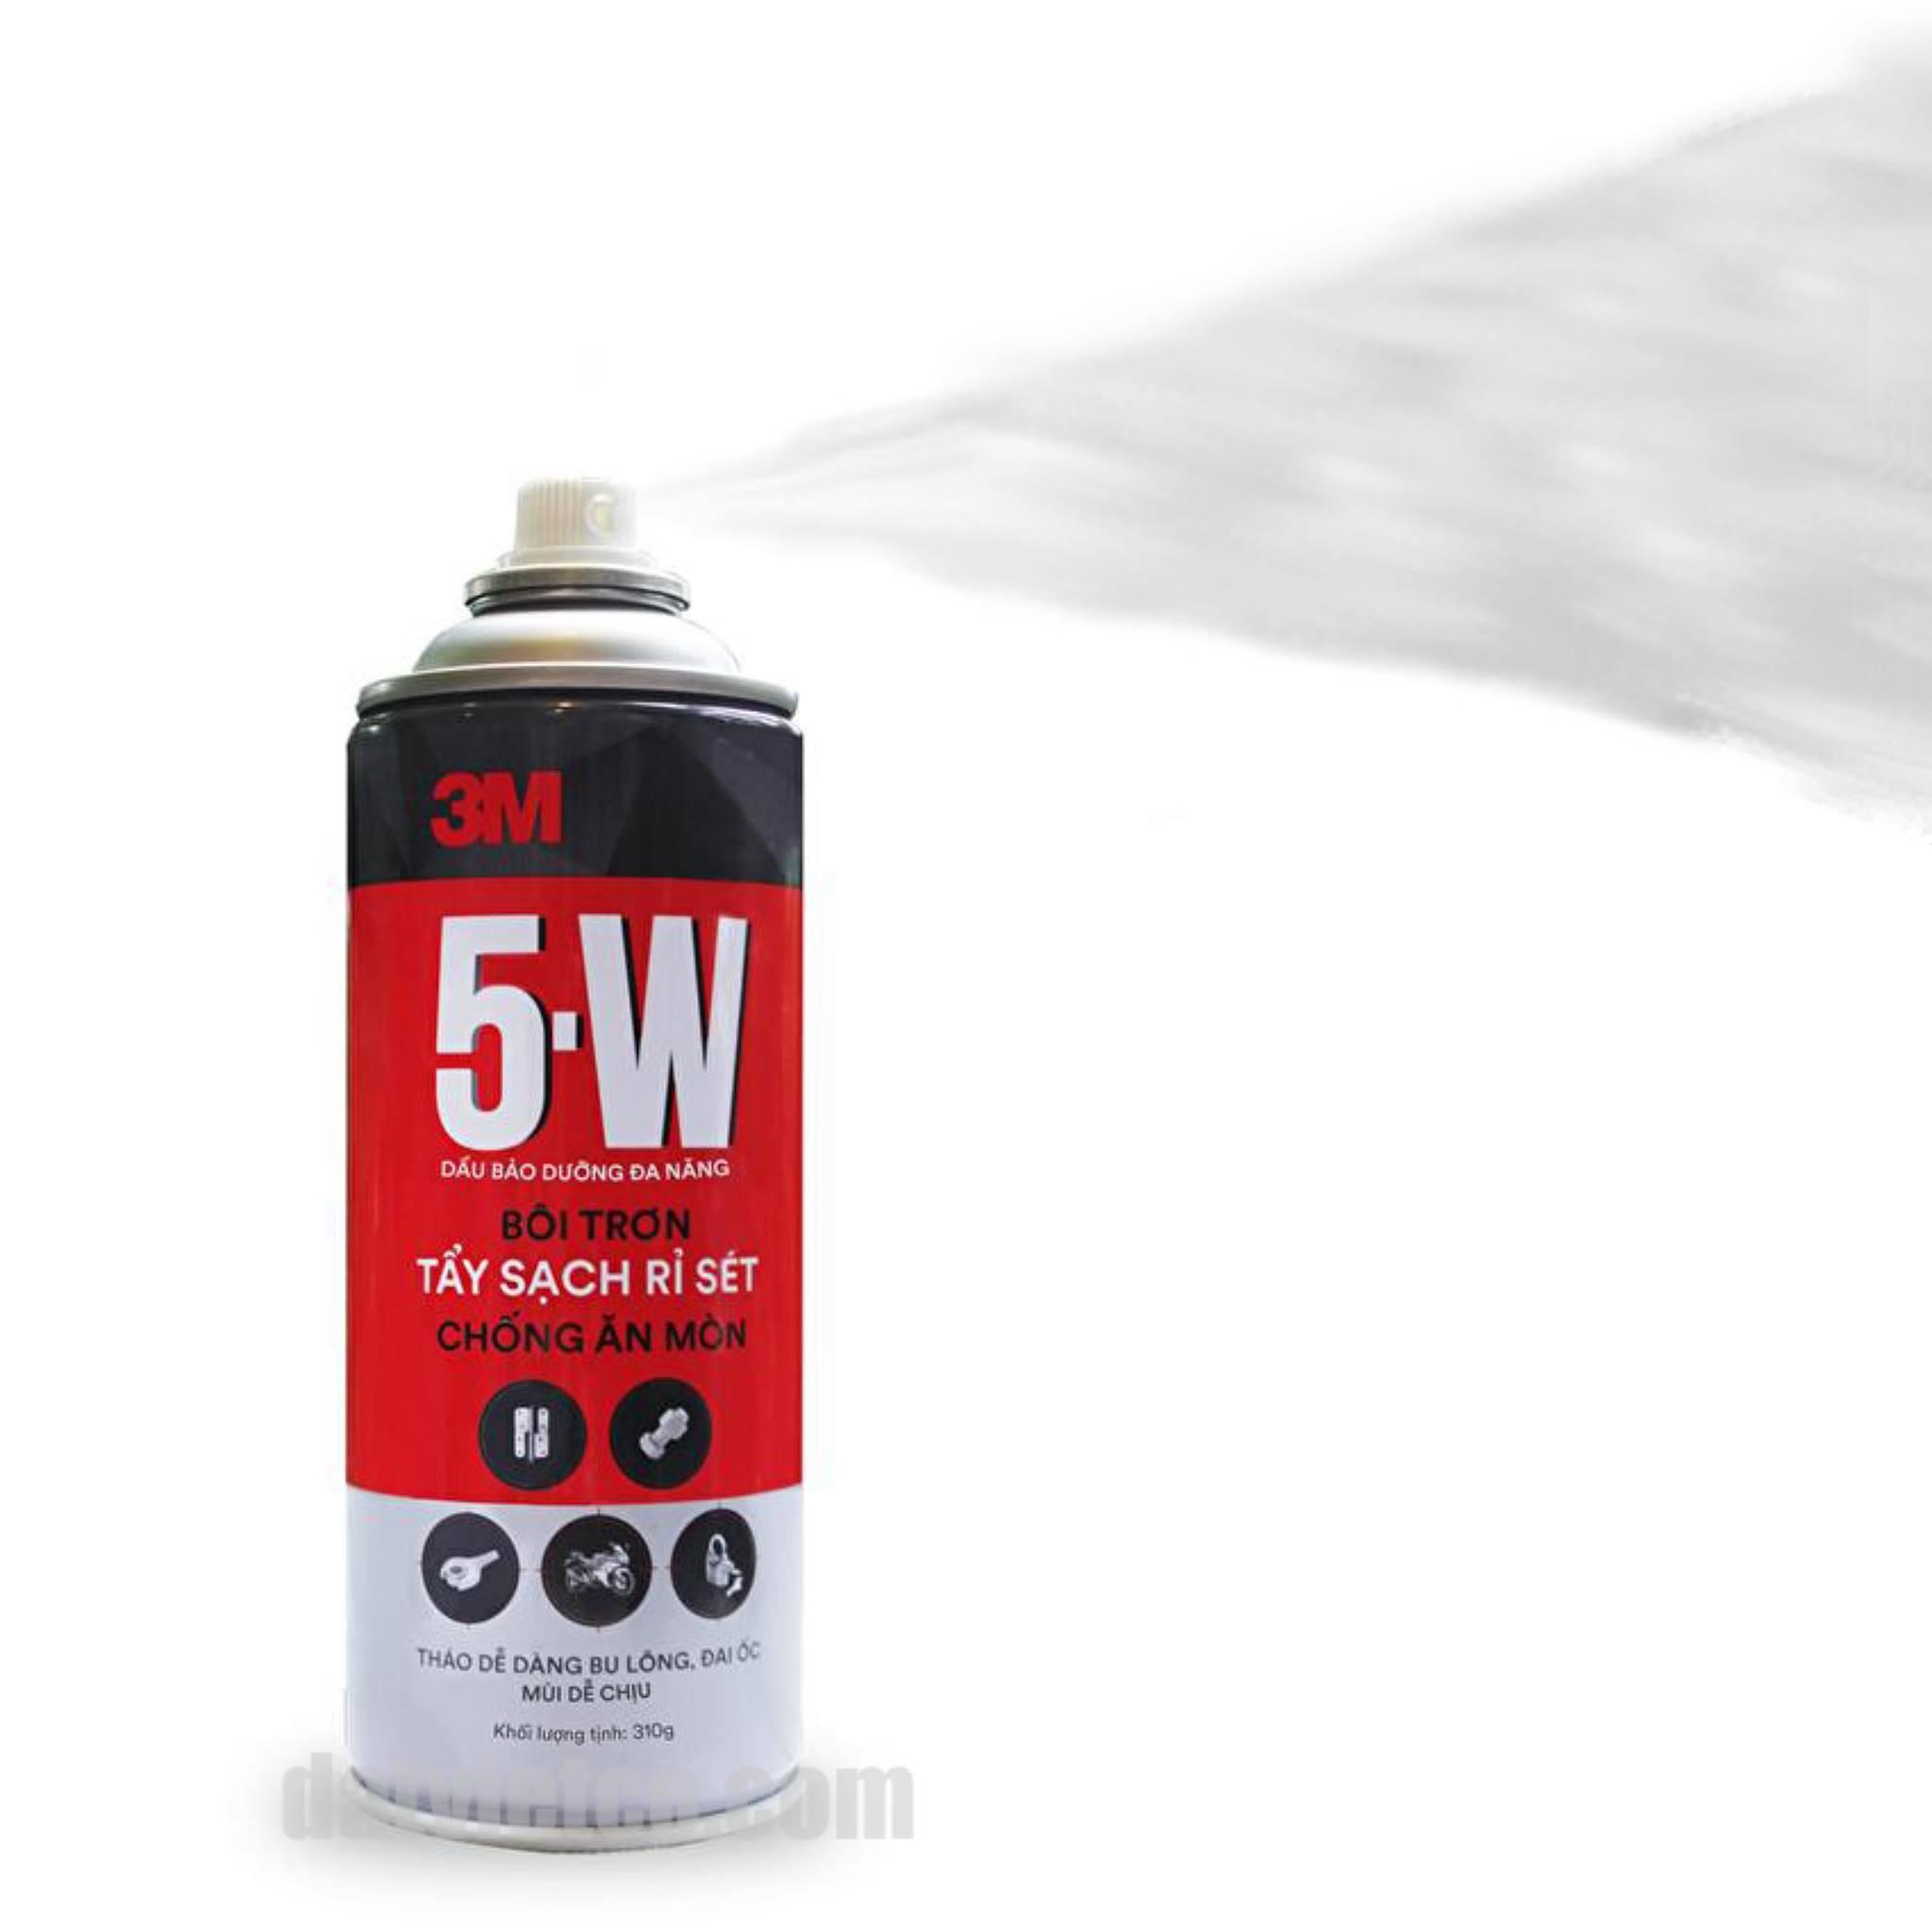 Dầu bảo dưỡng đa năng 5-W